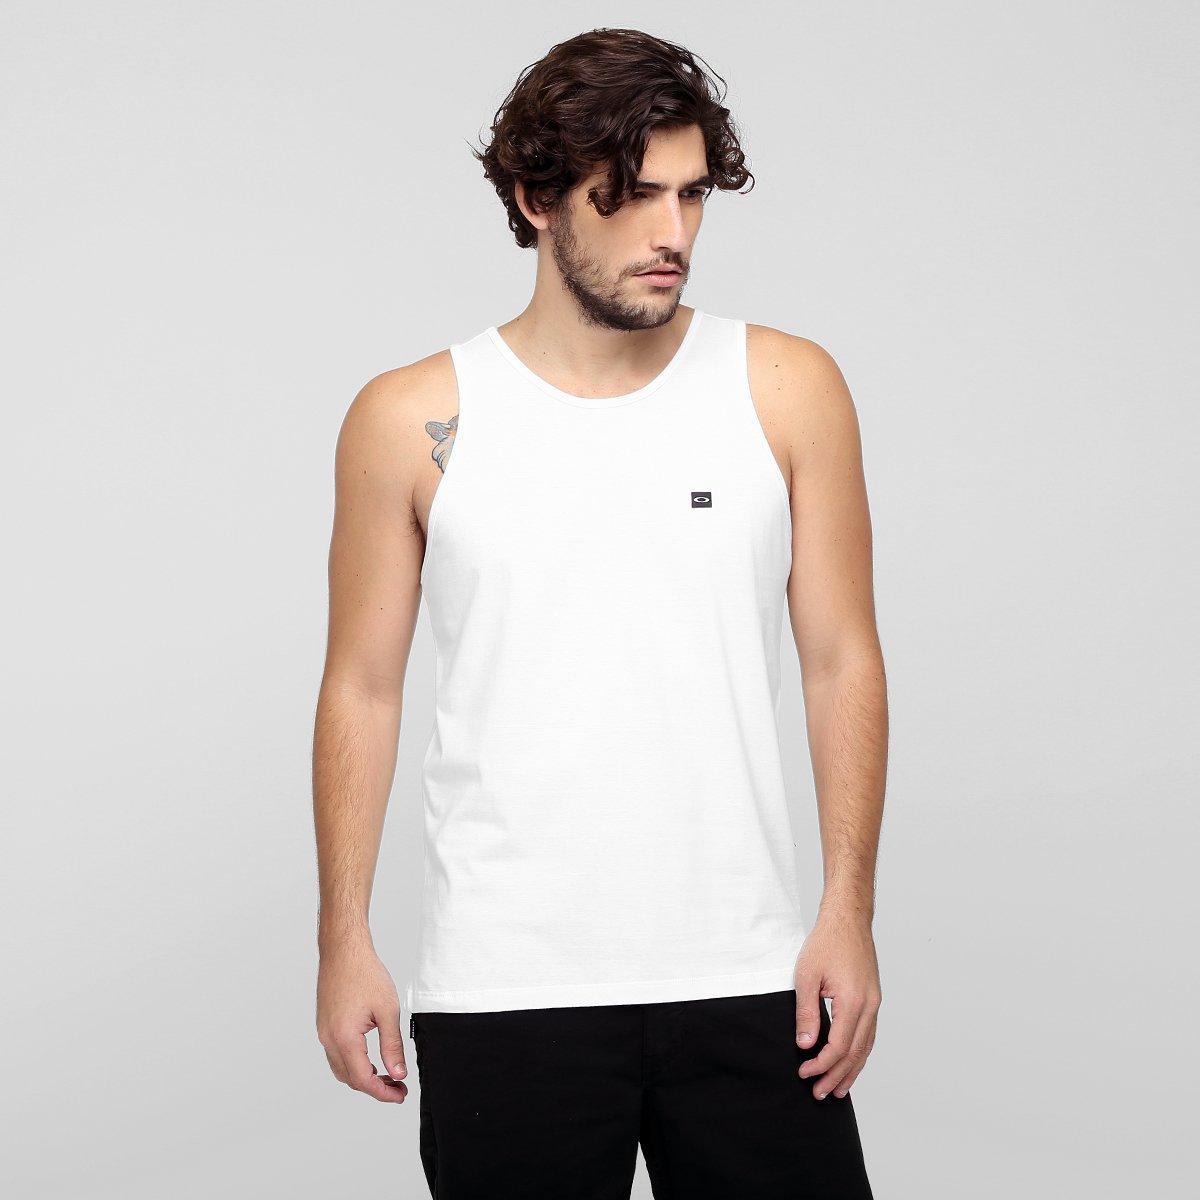 91a1a15cdb 53%OFF Camiseta Regata Oakley Mod Essential Tank